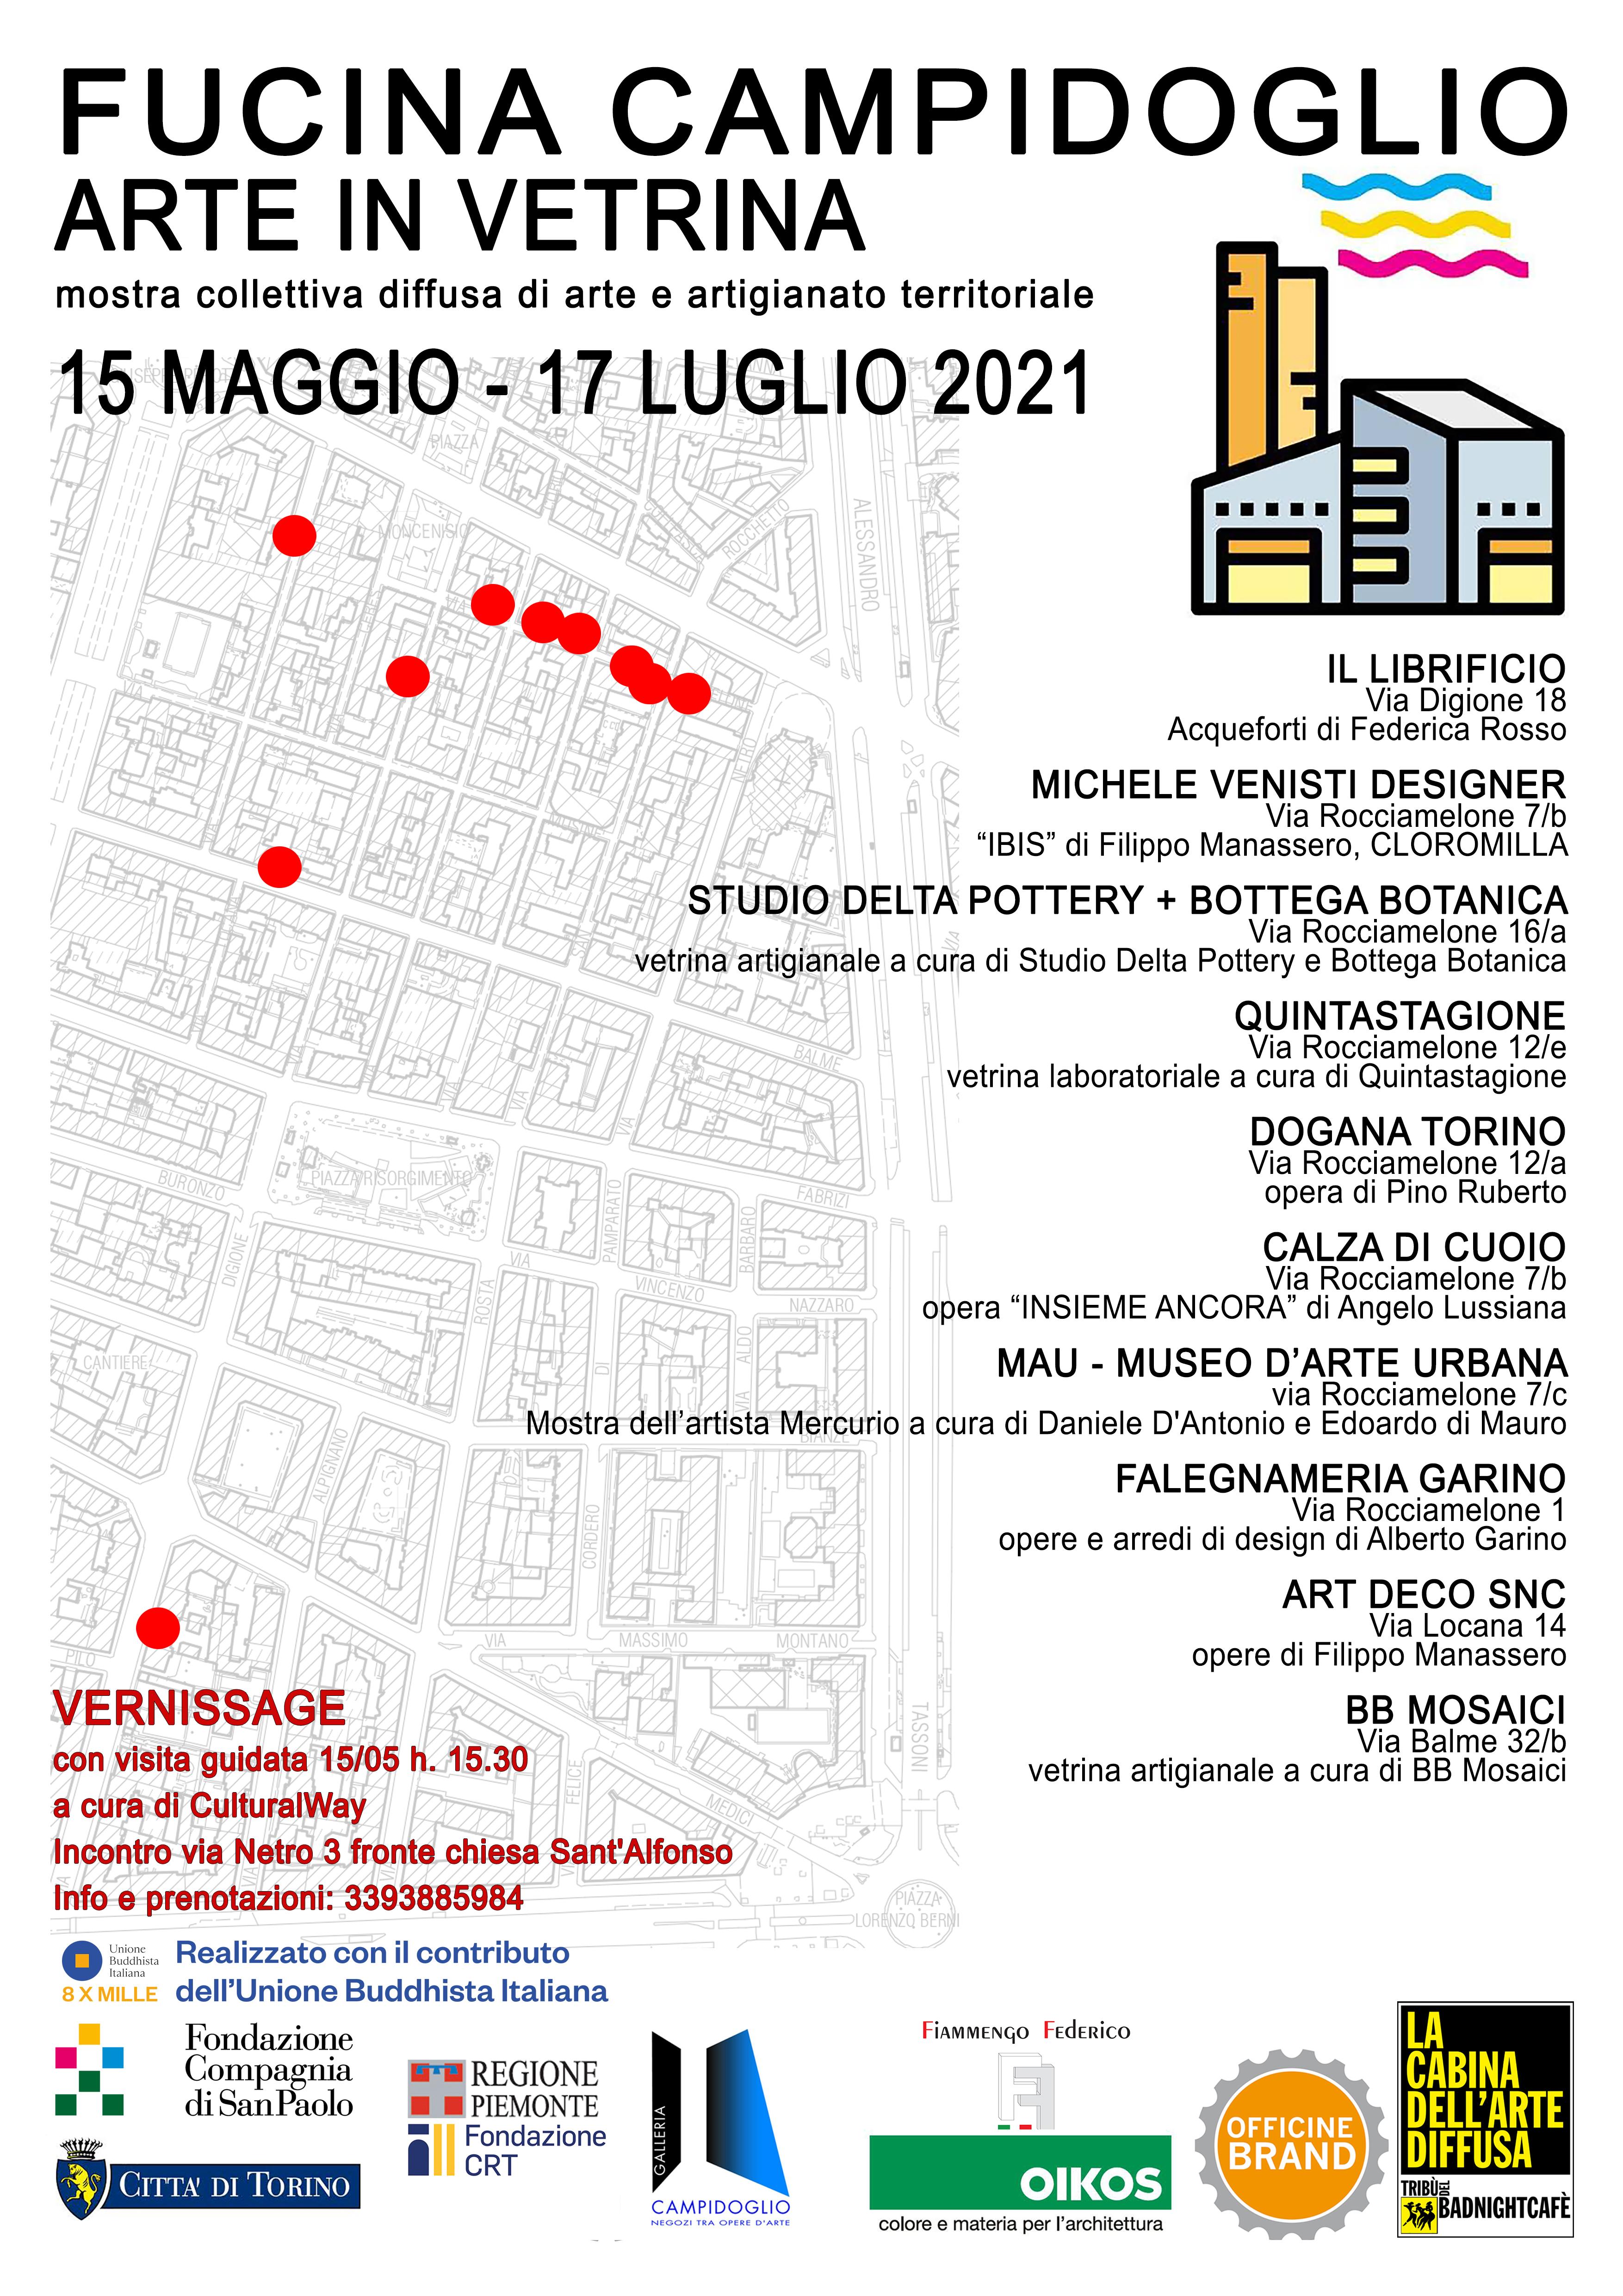 locfucinacampidoglioMAGGIO2021